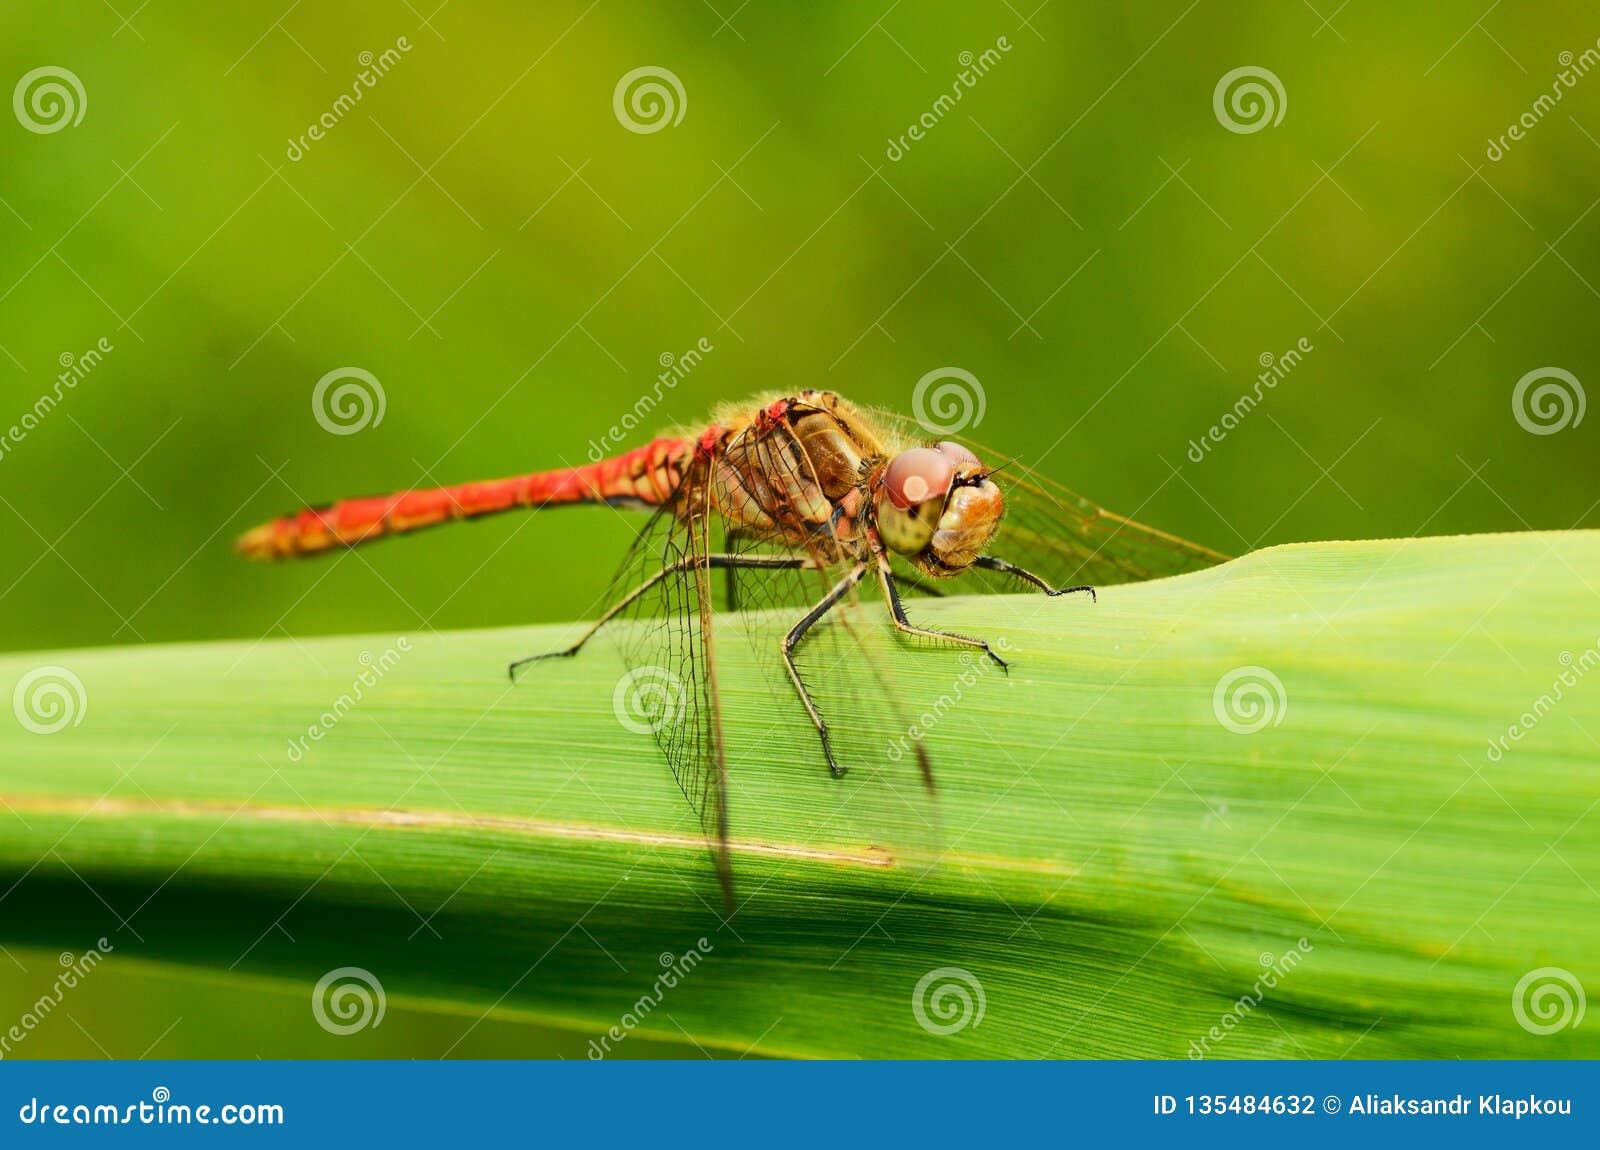 De libel is een insect levend dichtbij waterorganismen